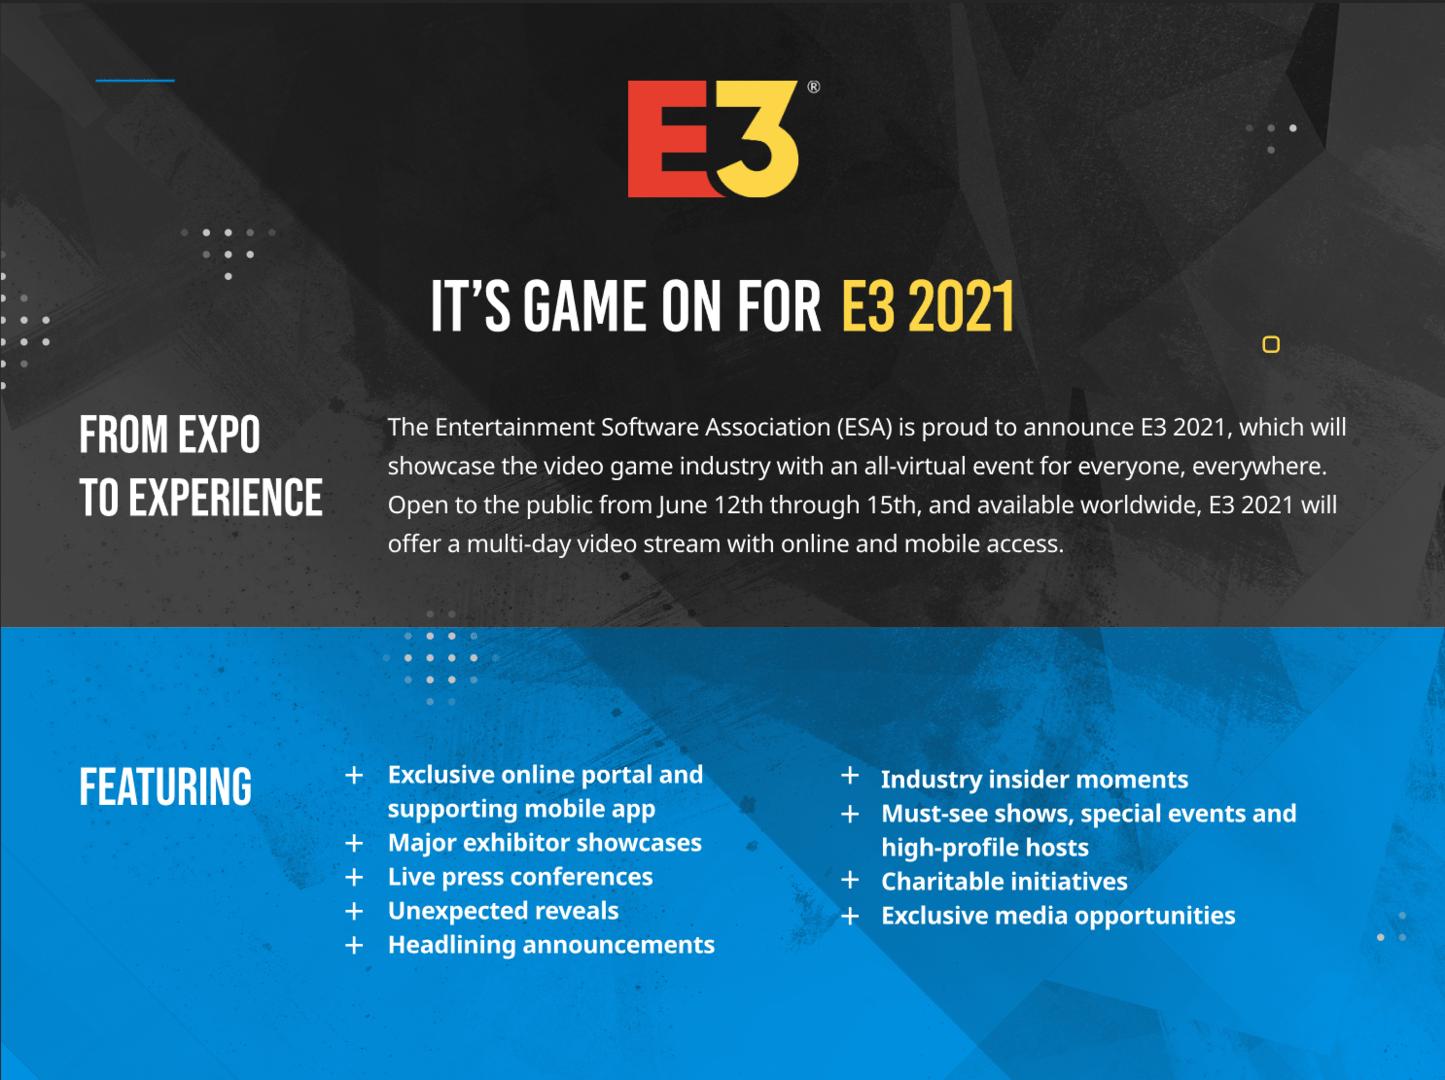 Die E3 2021 findet vom 12. bis 15. Juni als Online-Expo statt